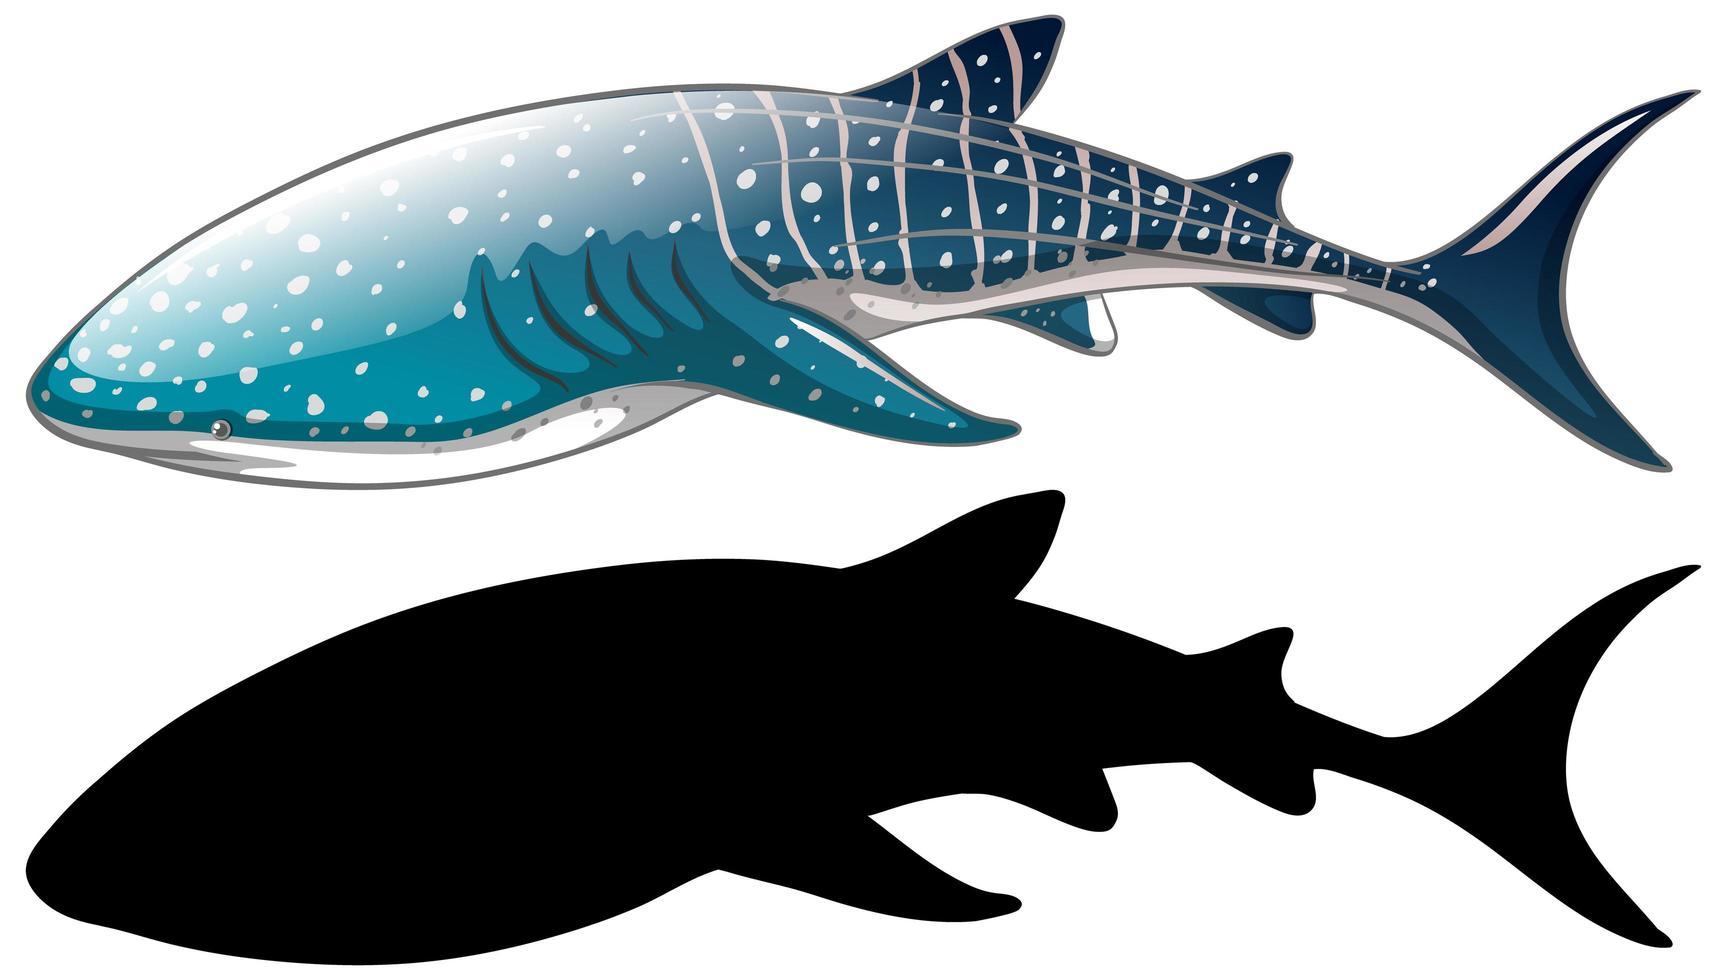 Personajes de tiburón ballena y su silueta sobre fondo blanco. vector